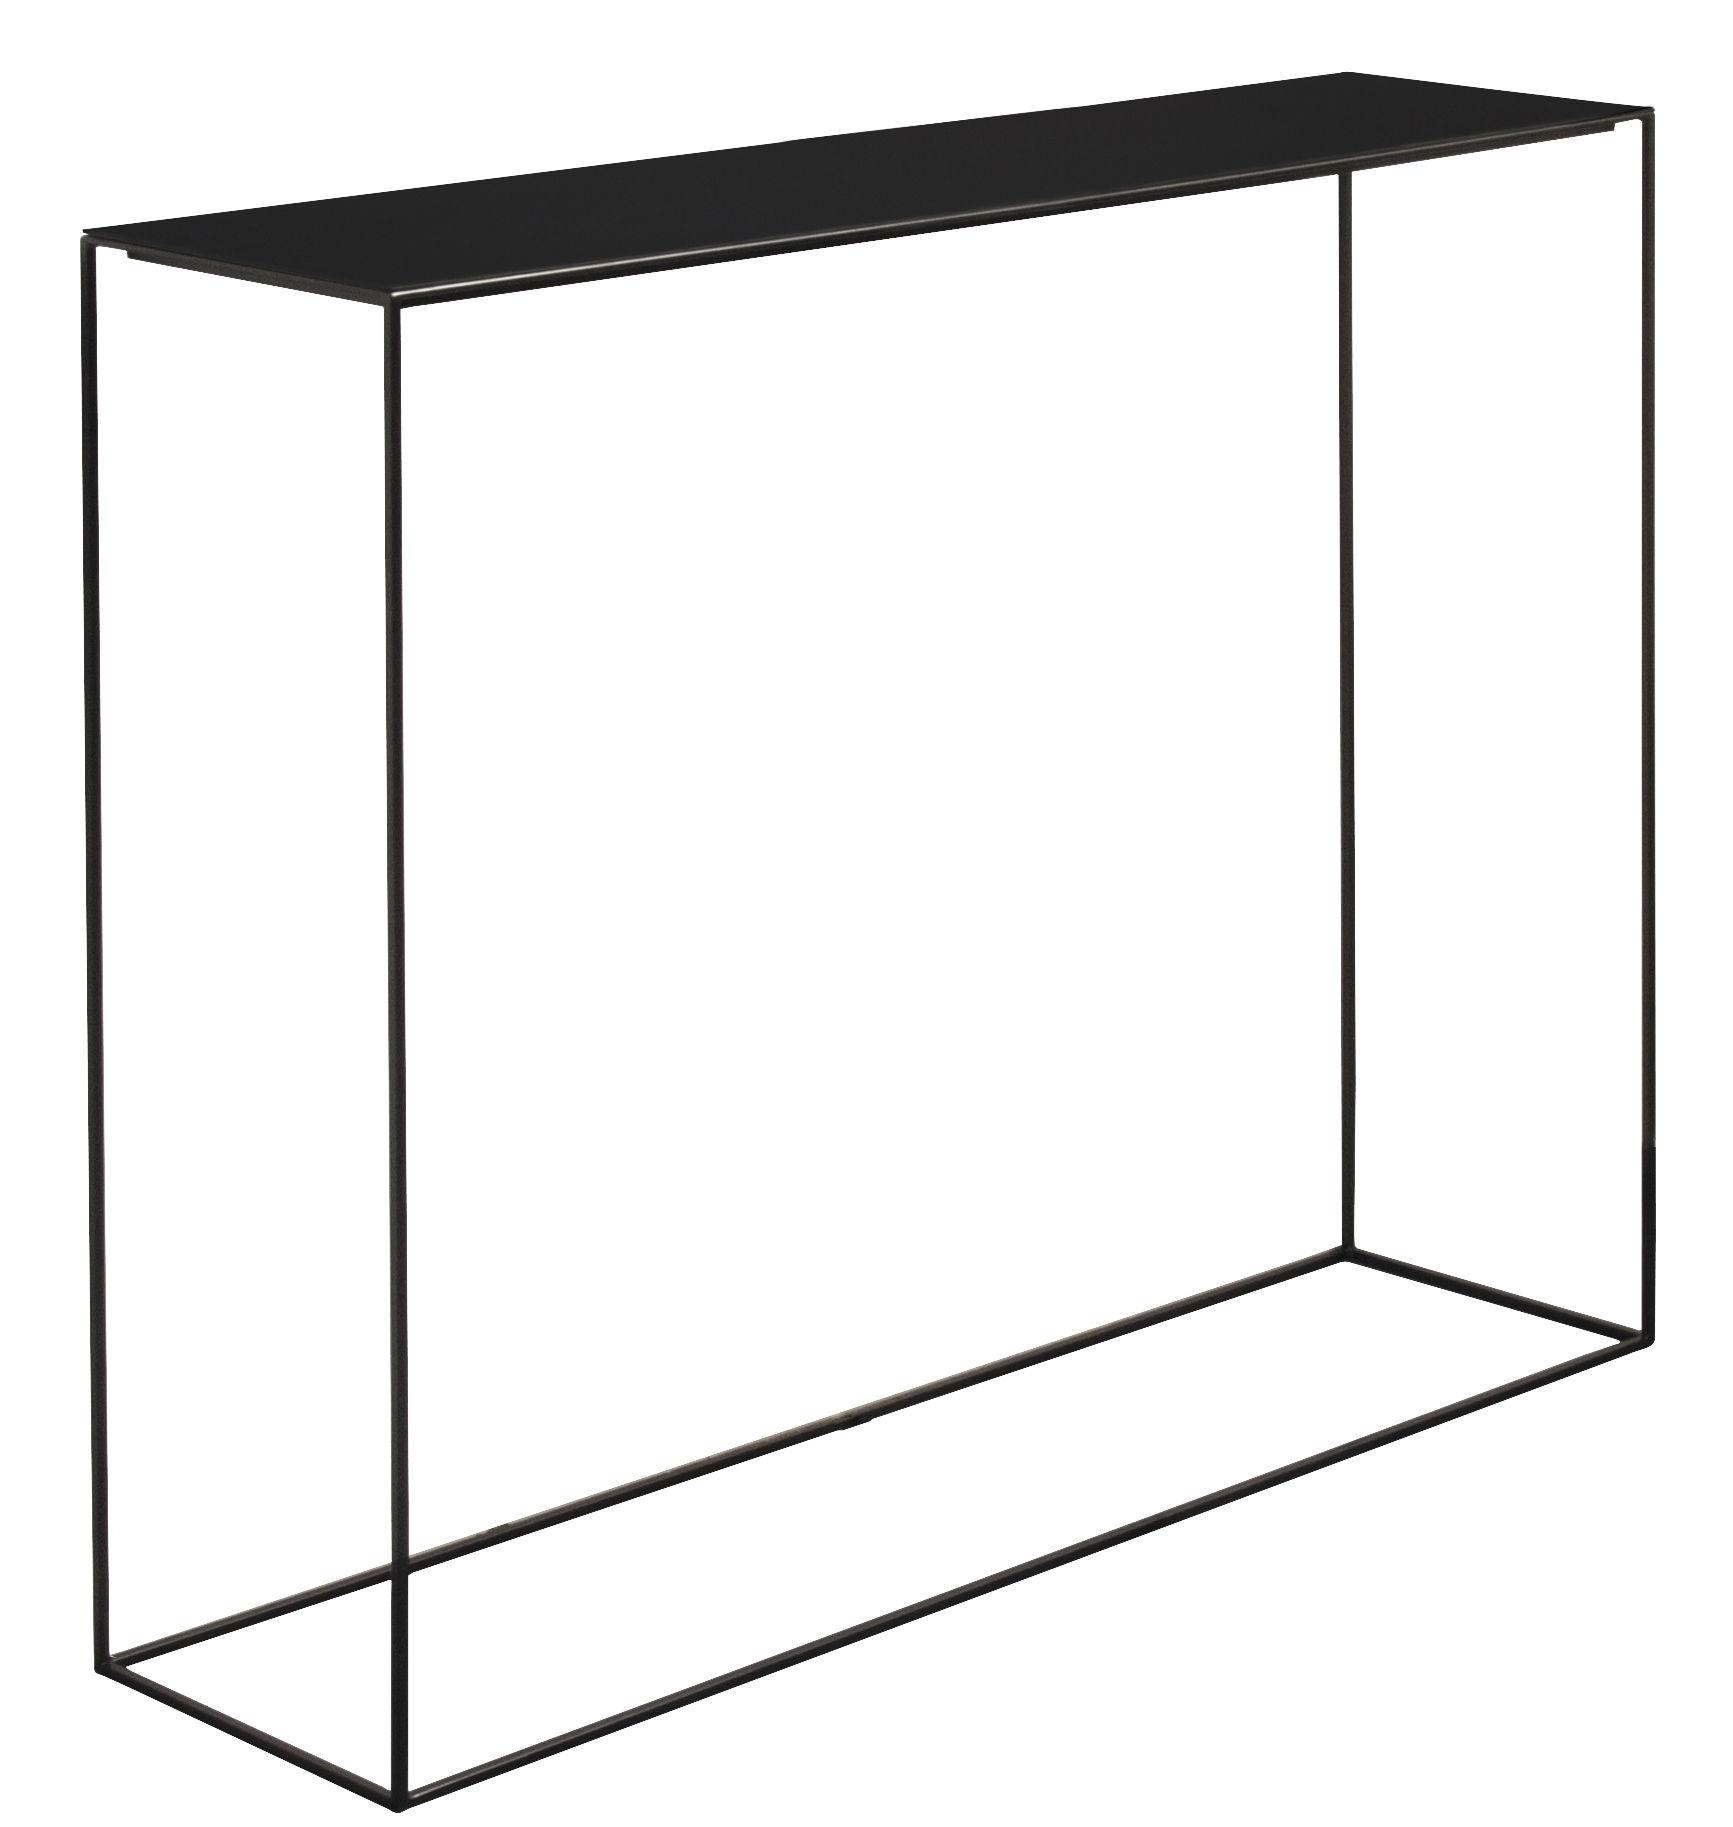 Arredamento - Console - Console Slim Irony / L 124 cm - Zeus - Top nero ramato / Piede nero ramato - Acciaio verniciato